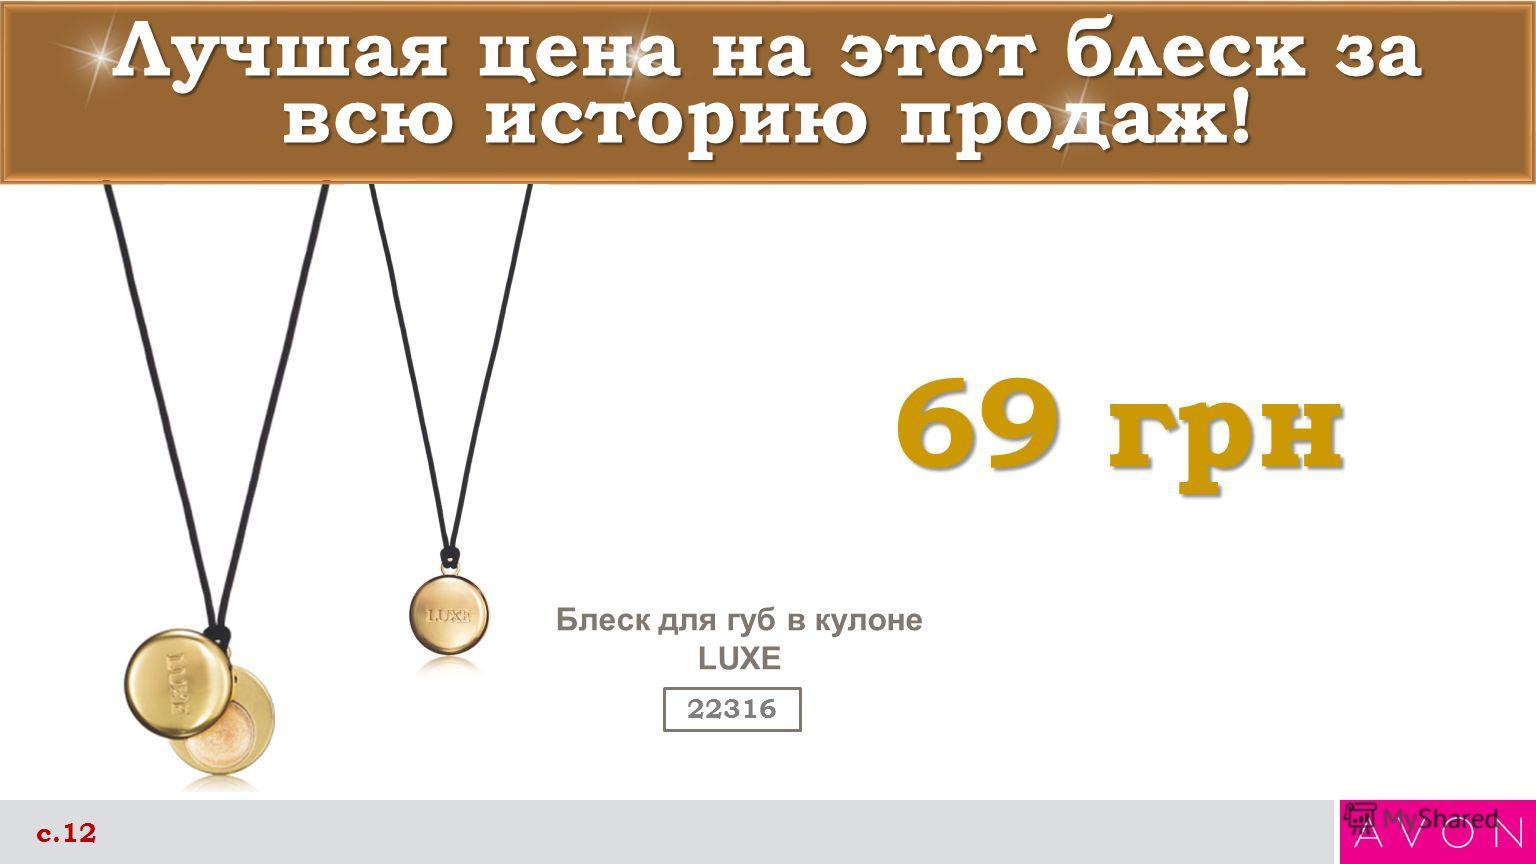 Лучшая цена на этот блеск за всю историю продаж! Блеск для губ в кулоне LUXE с.12 69 грн 22316